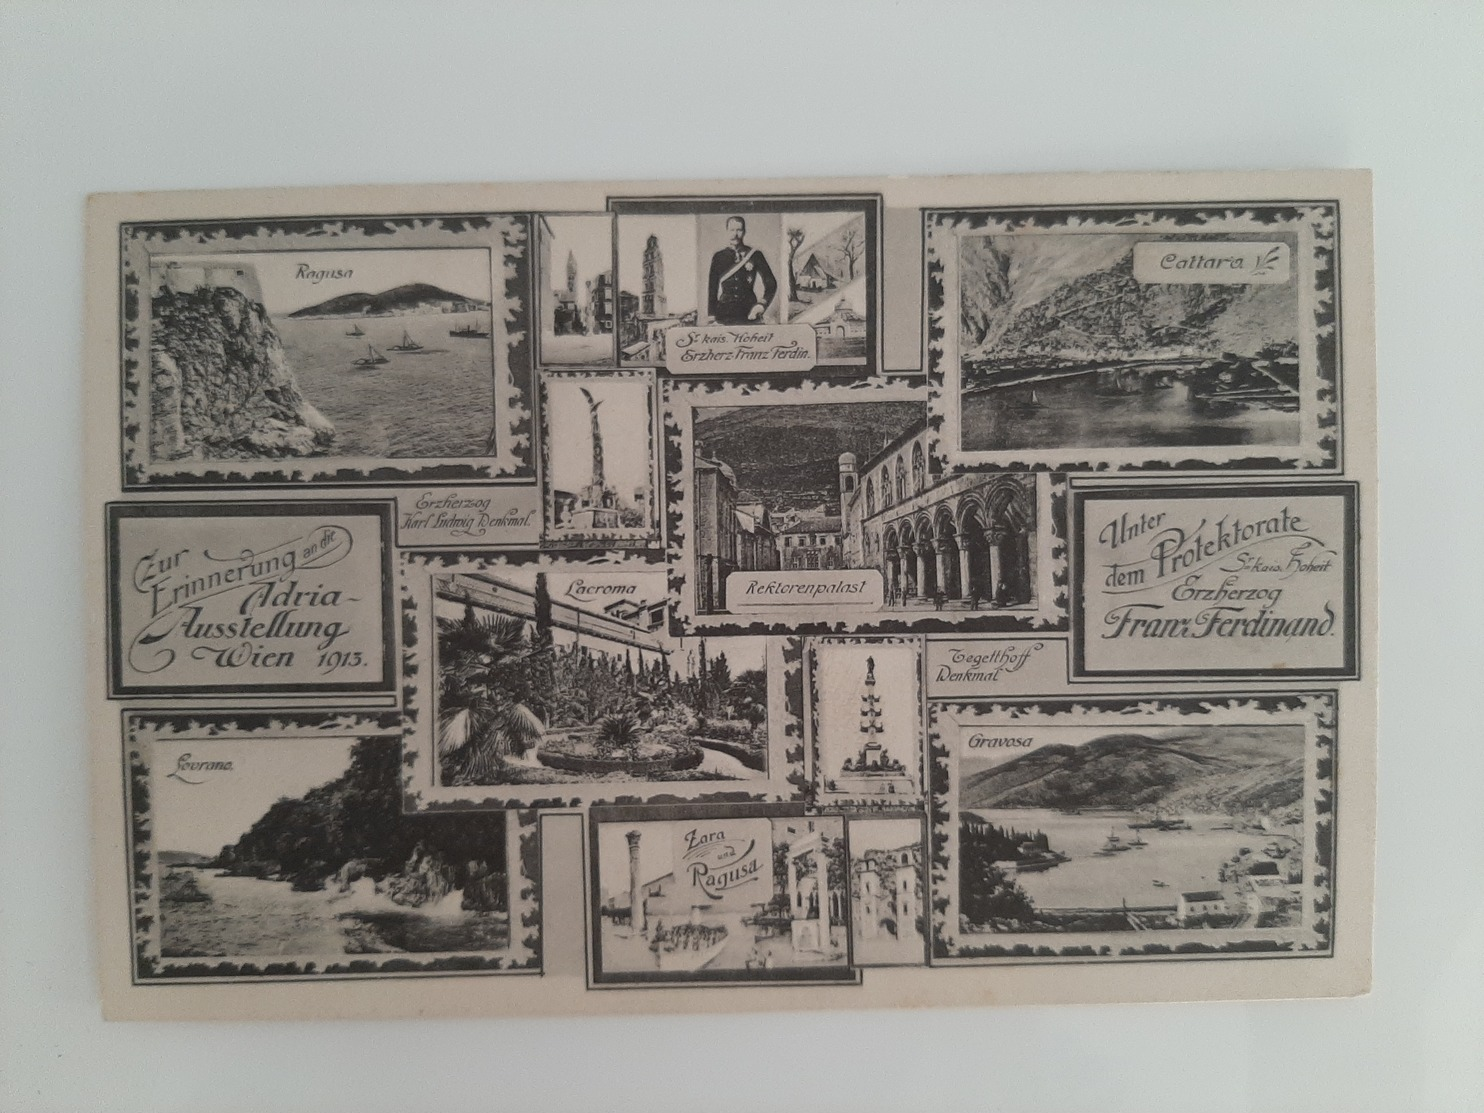 Adria Ausstellung - Franz Ferdinand - Dalmazia - Istria - Zara - Lovrana- Capodistia - Ragusa - Spalato - 1913. - Croatia